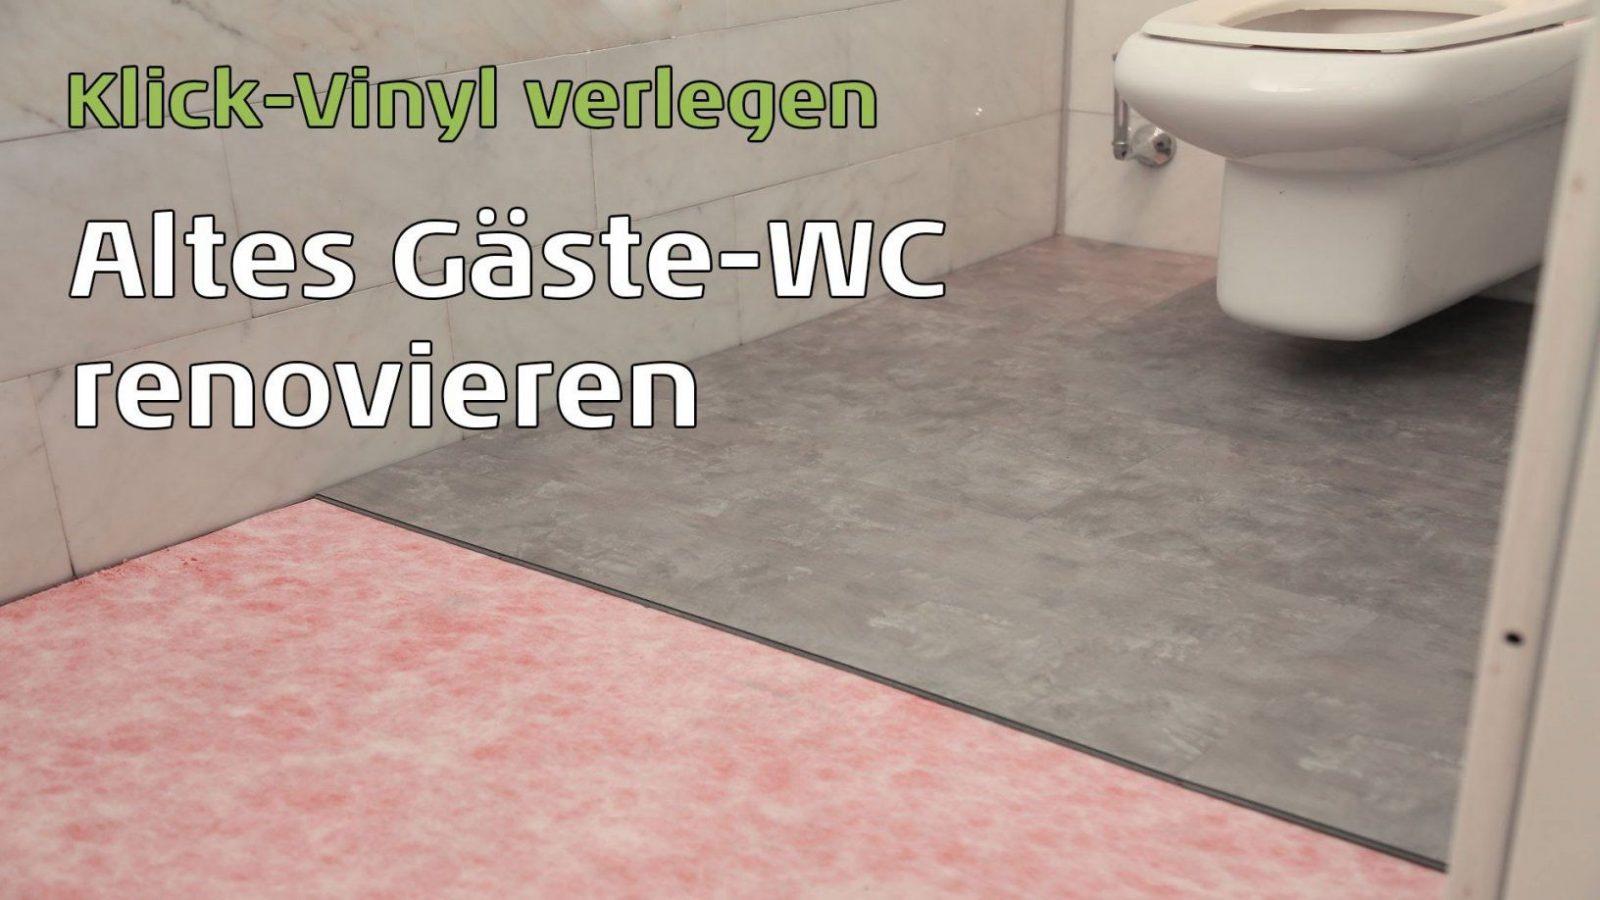 Wc Renovierung Mit Klick Vinyl  Youtube von Vinylboden Auf Fliesen Legen Photo